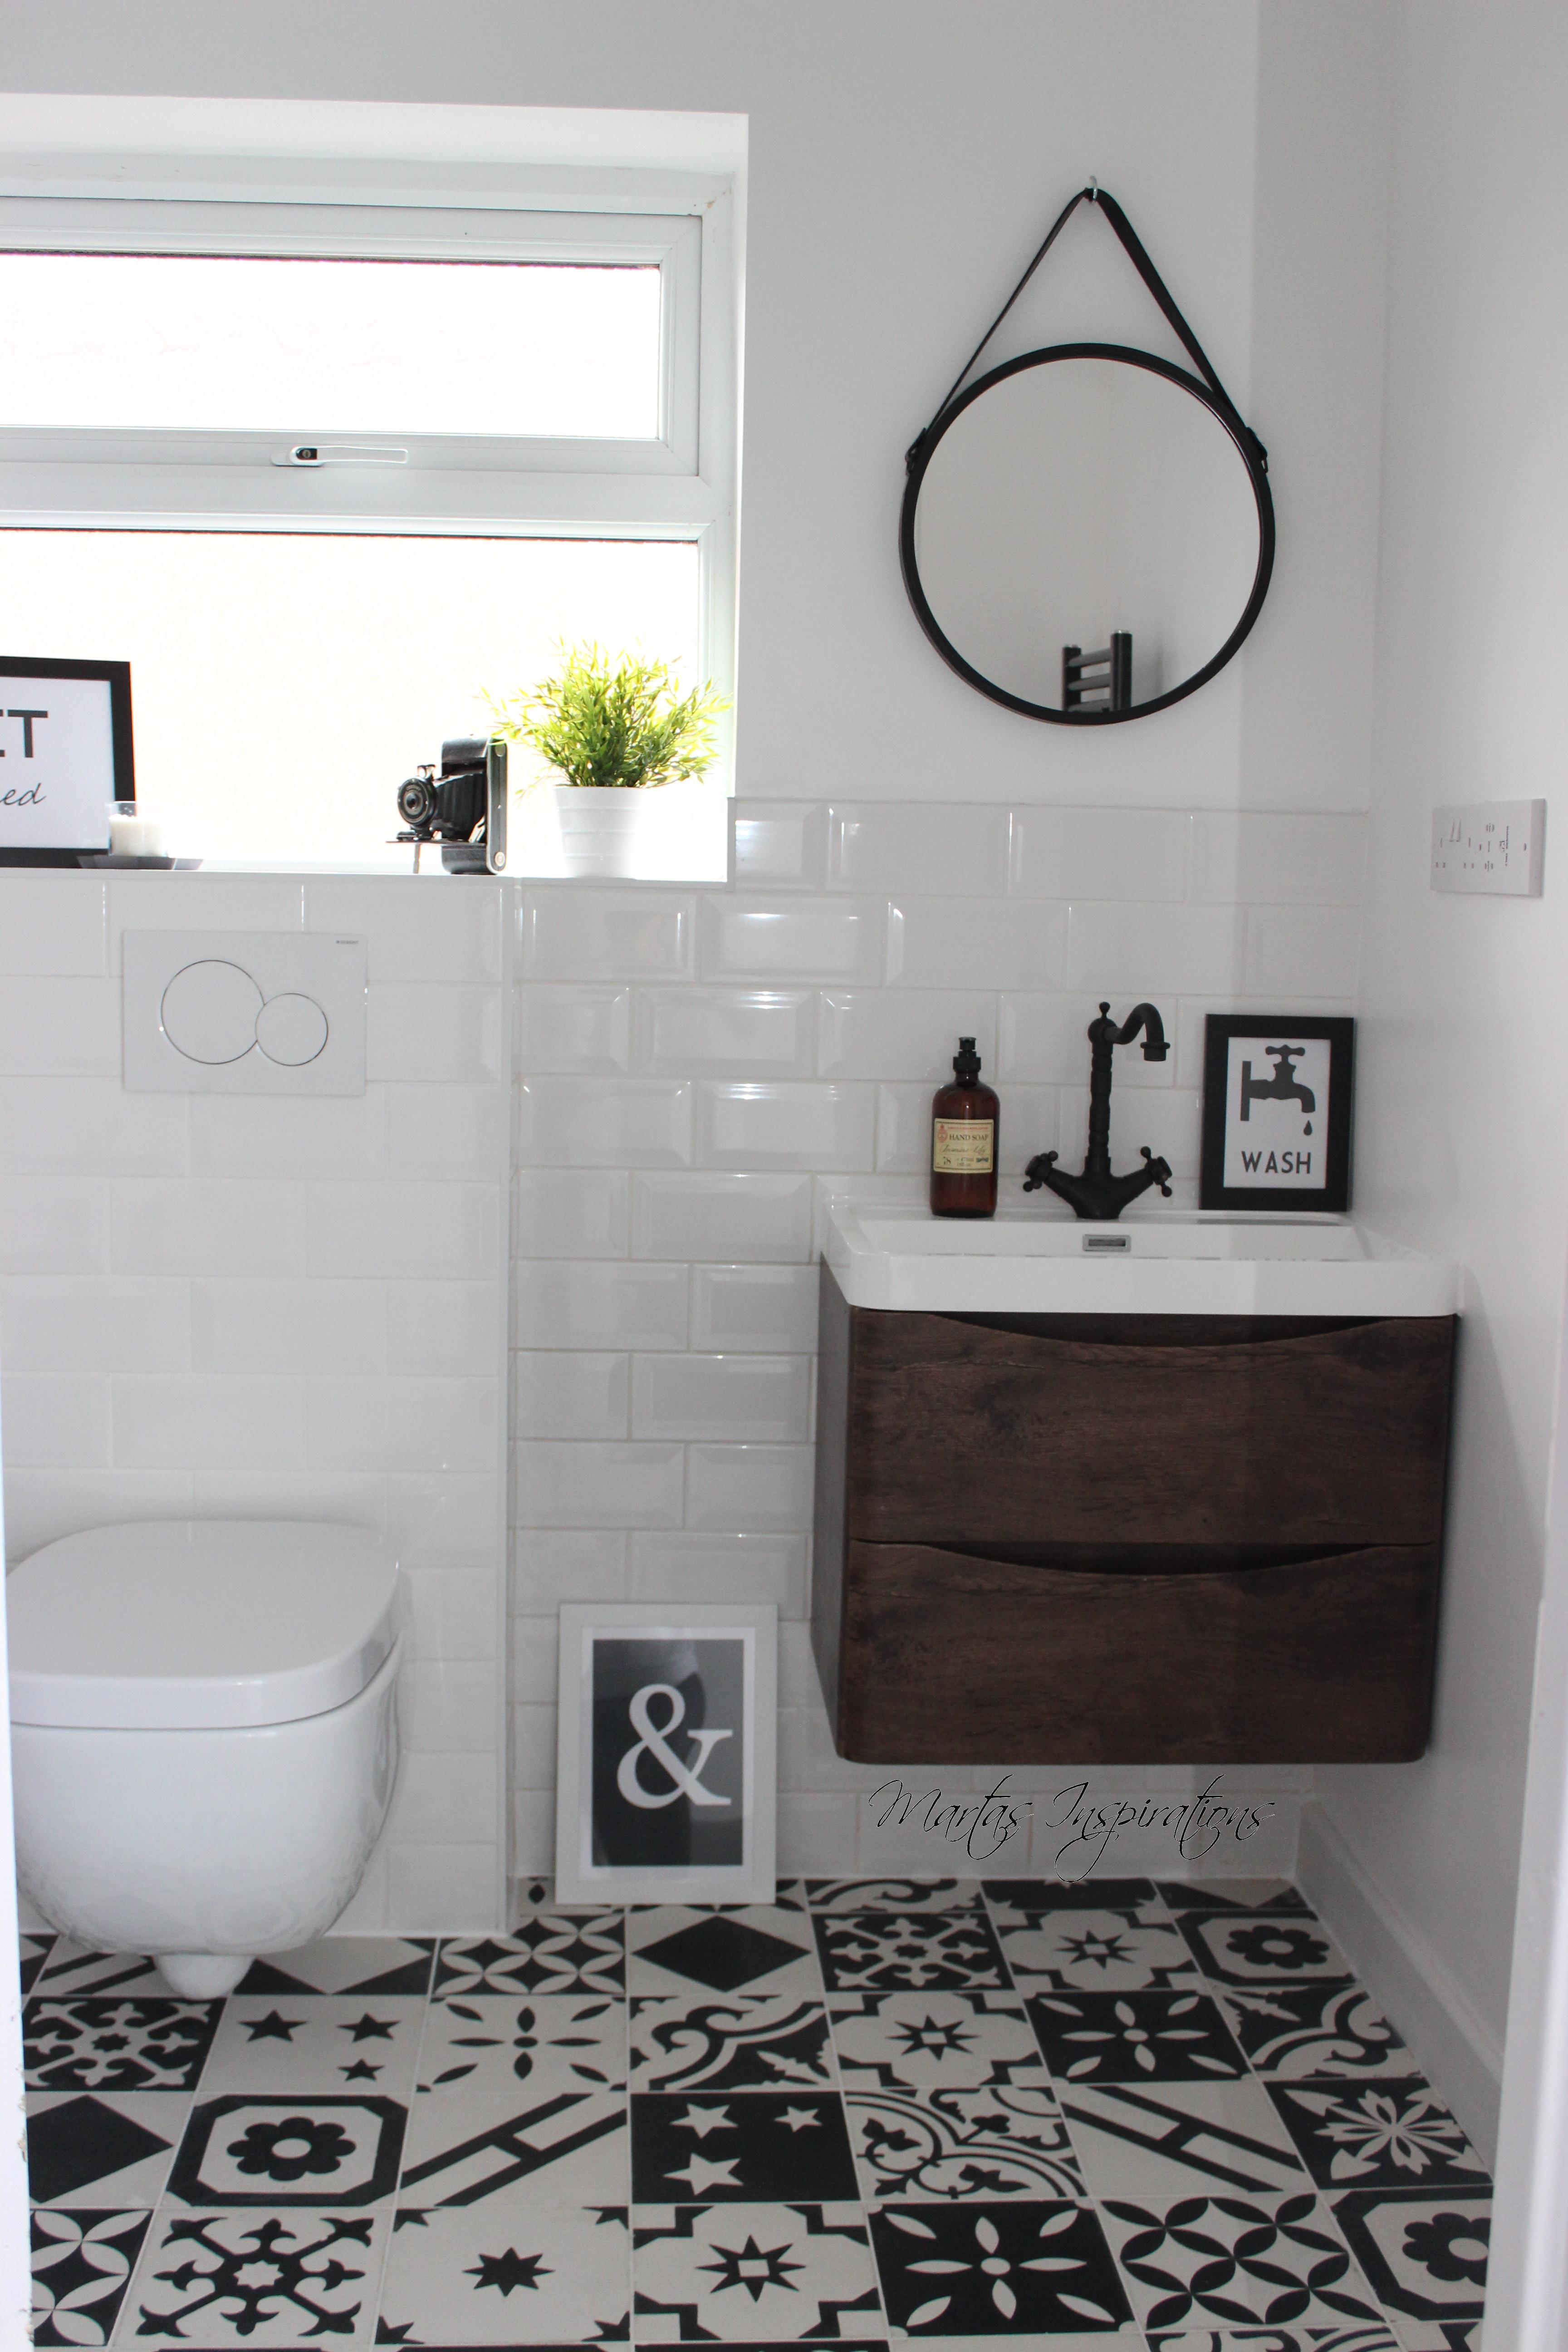 Minimalizm I Płytki Cementowe W łazience Płytki Cementowe